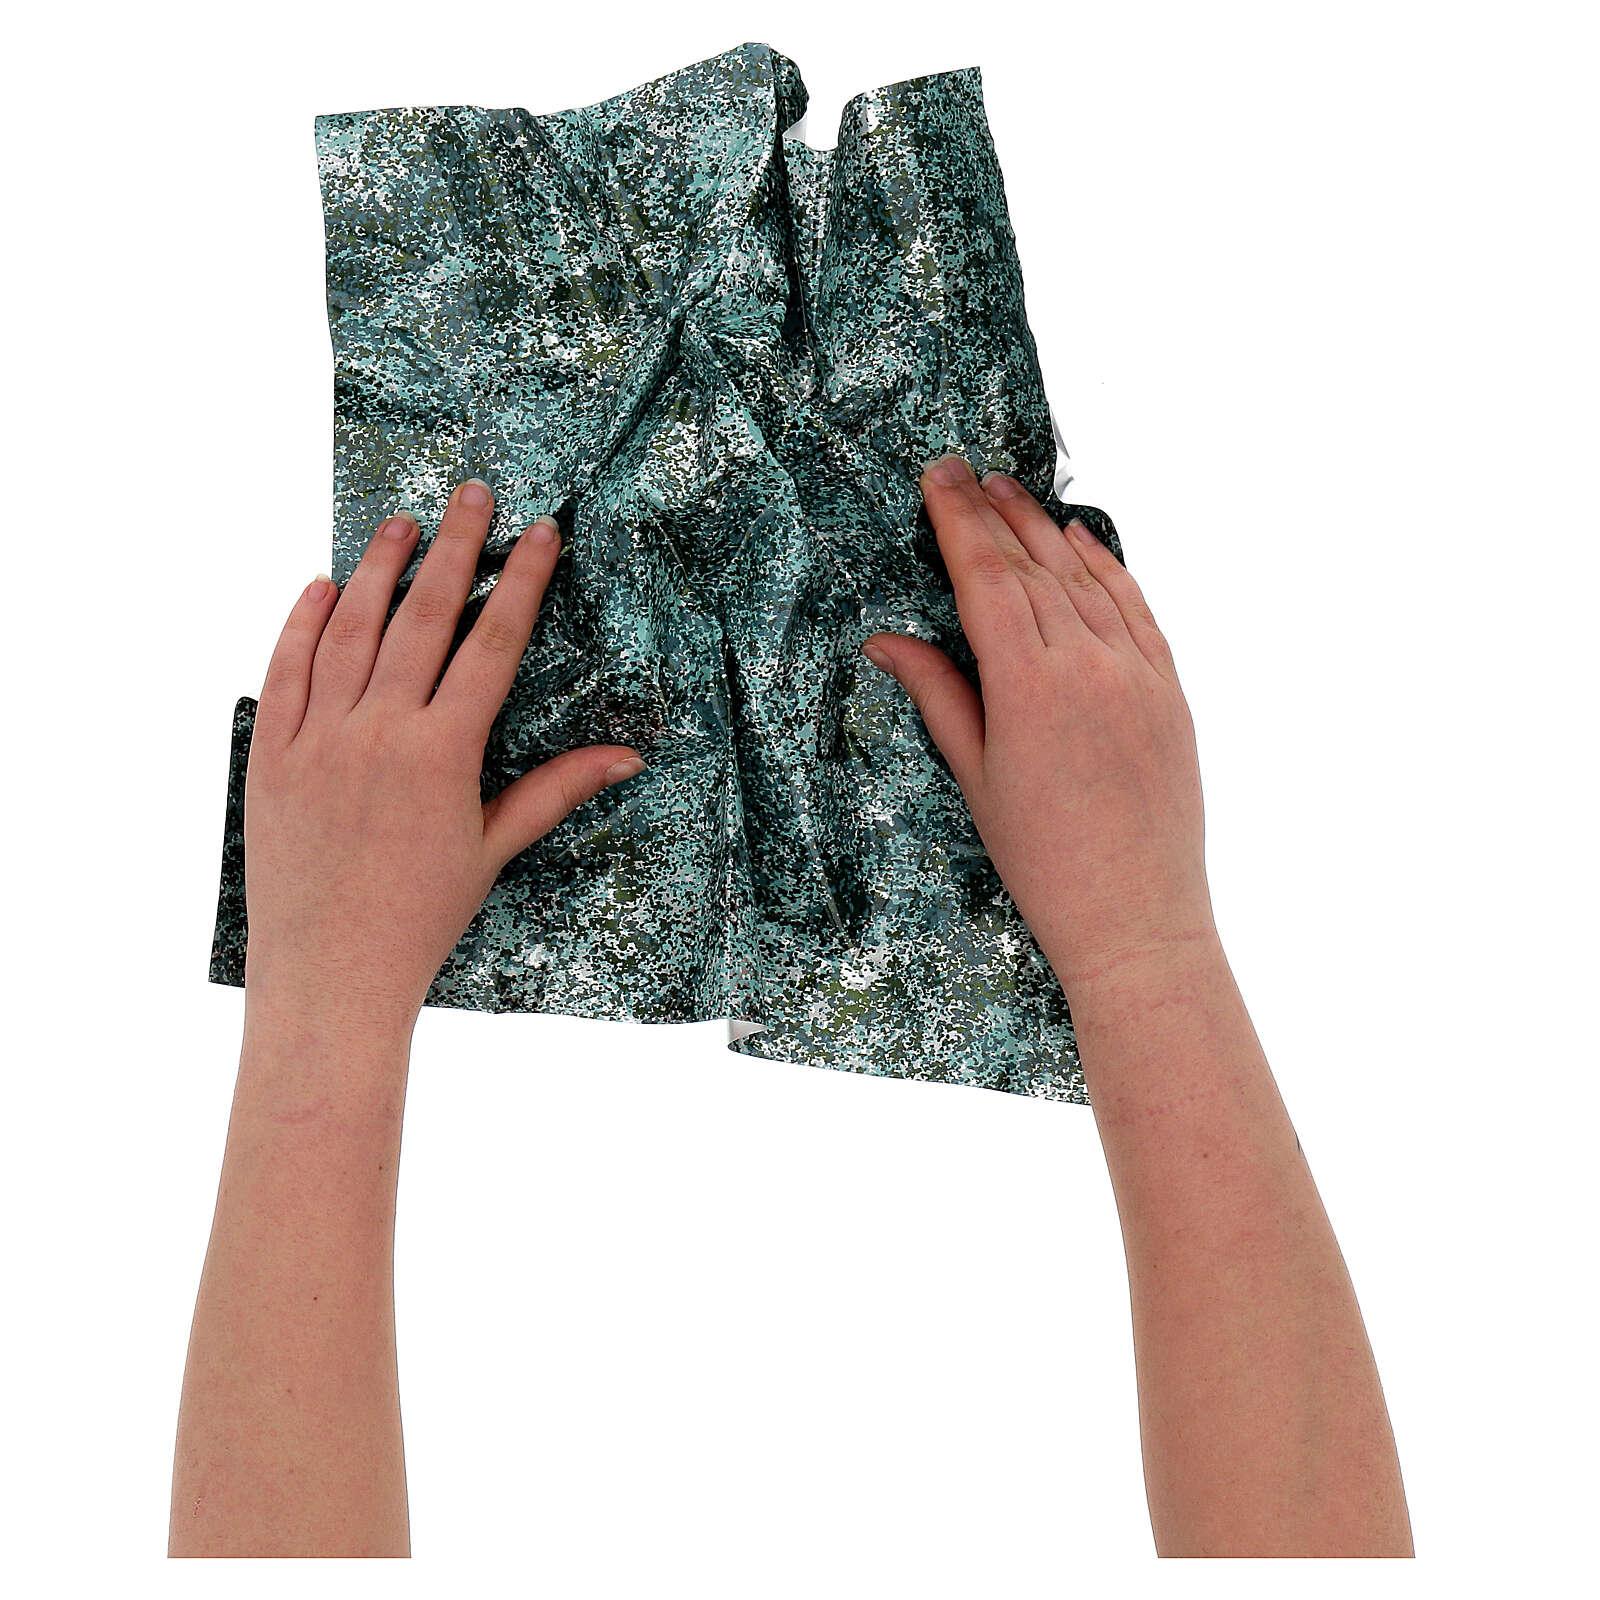 Carta plasmabile effetto acqua verde cm 35x35 4